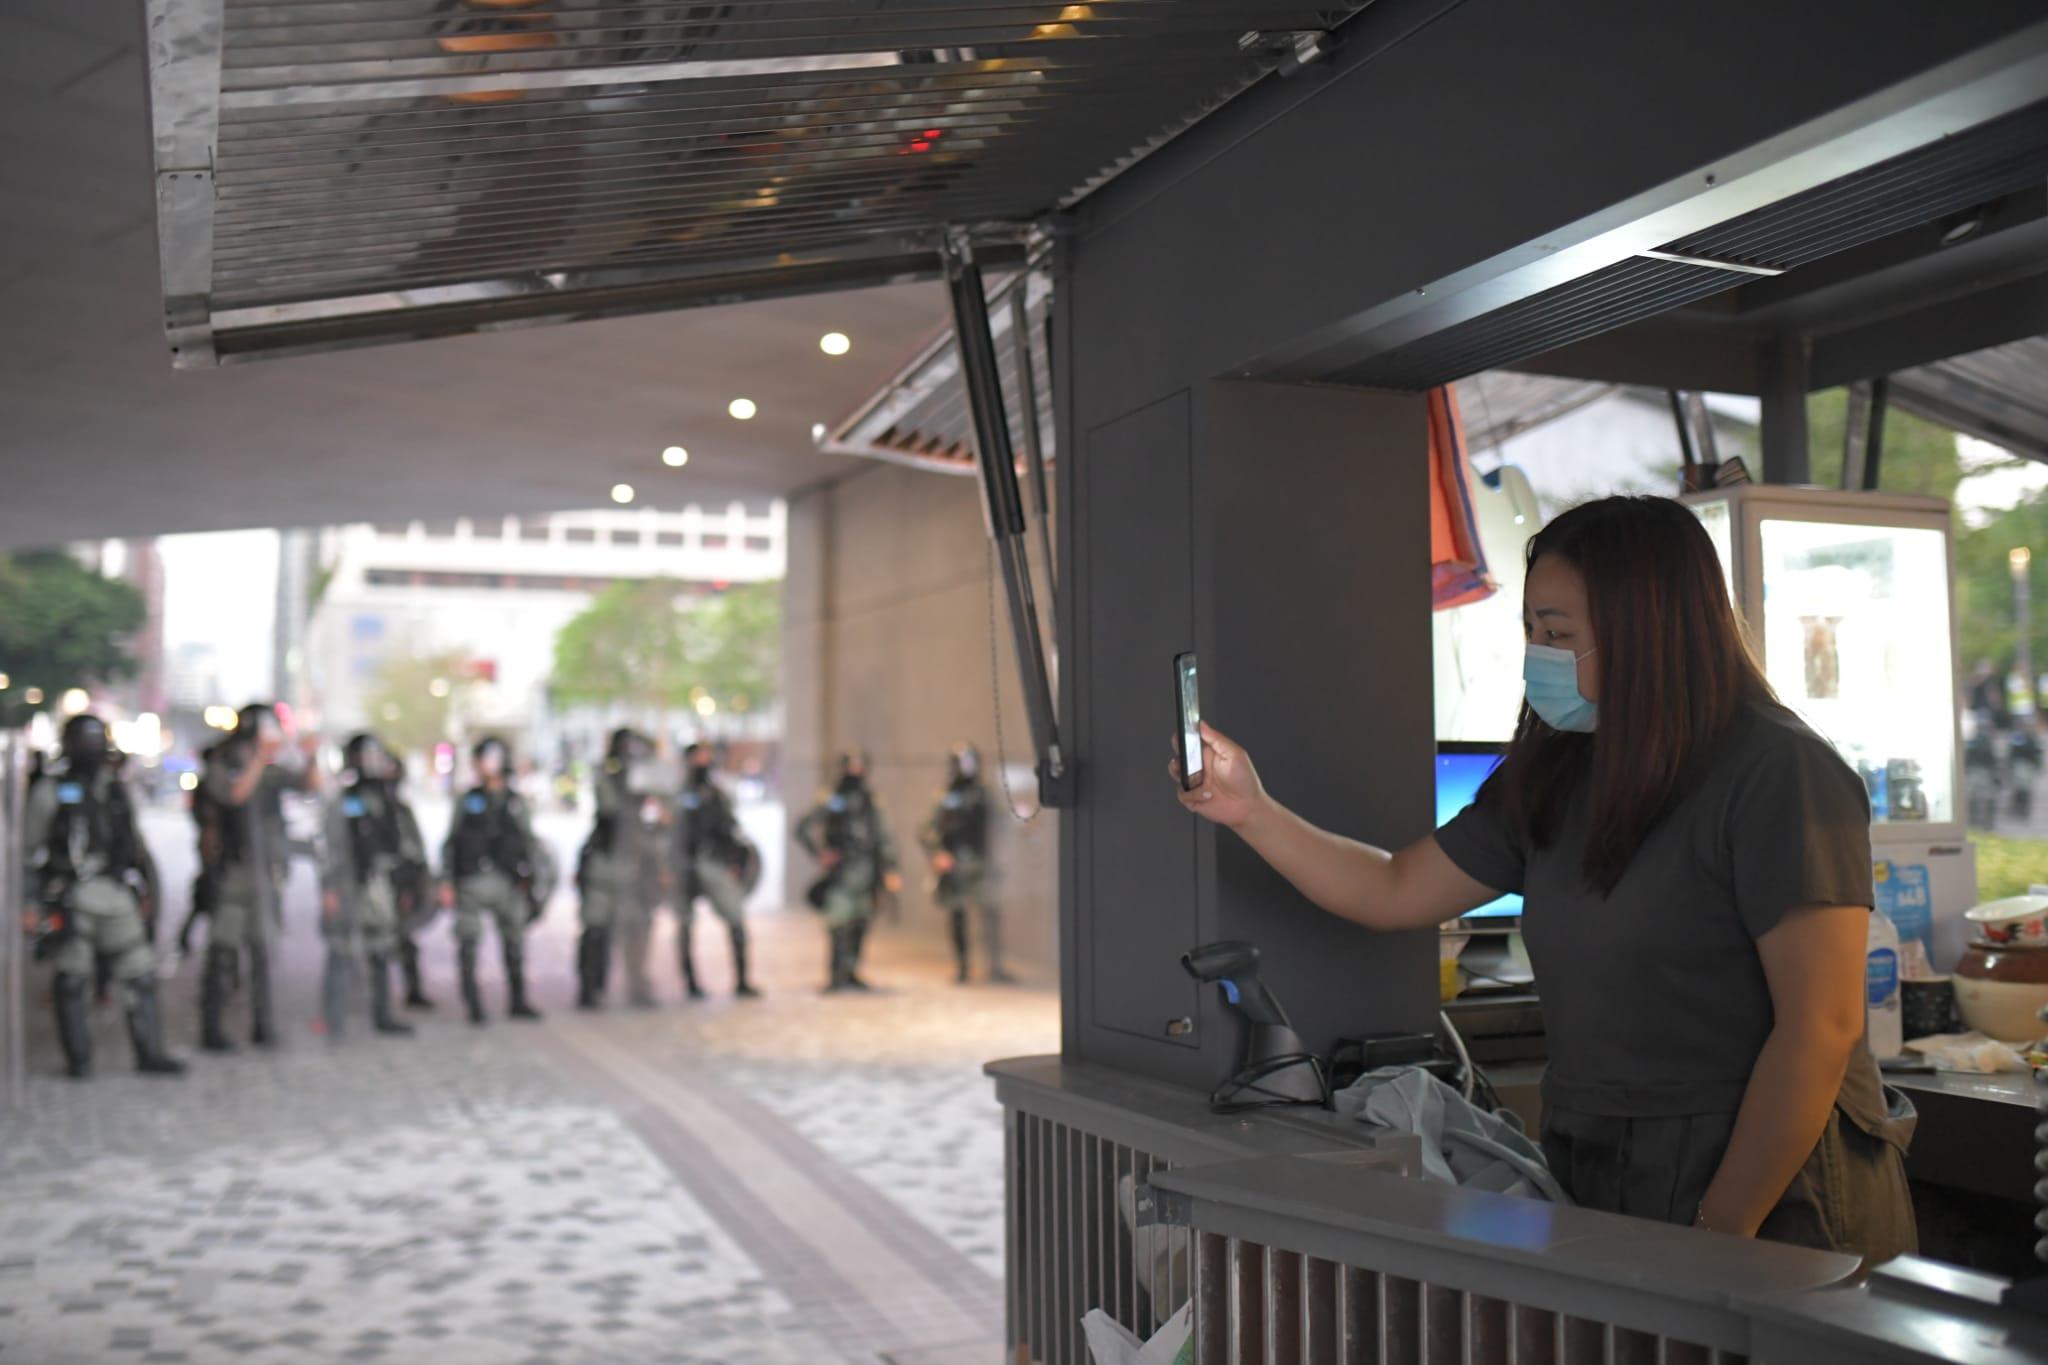 防暴警察在尖沙嘴海旁搜截示威者